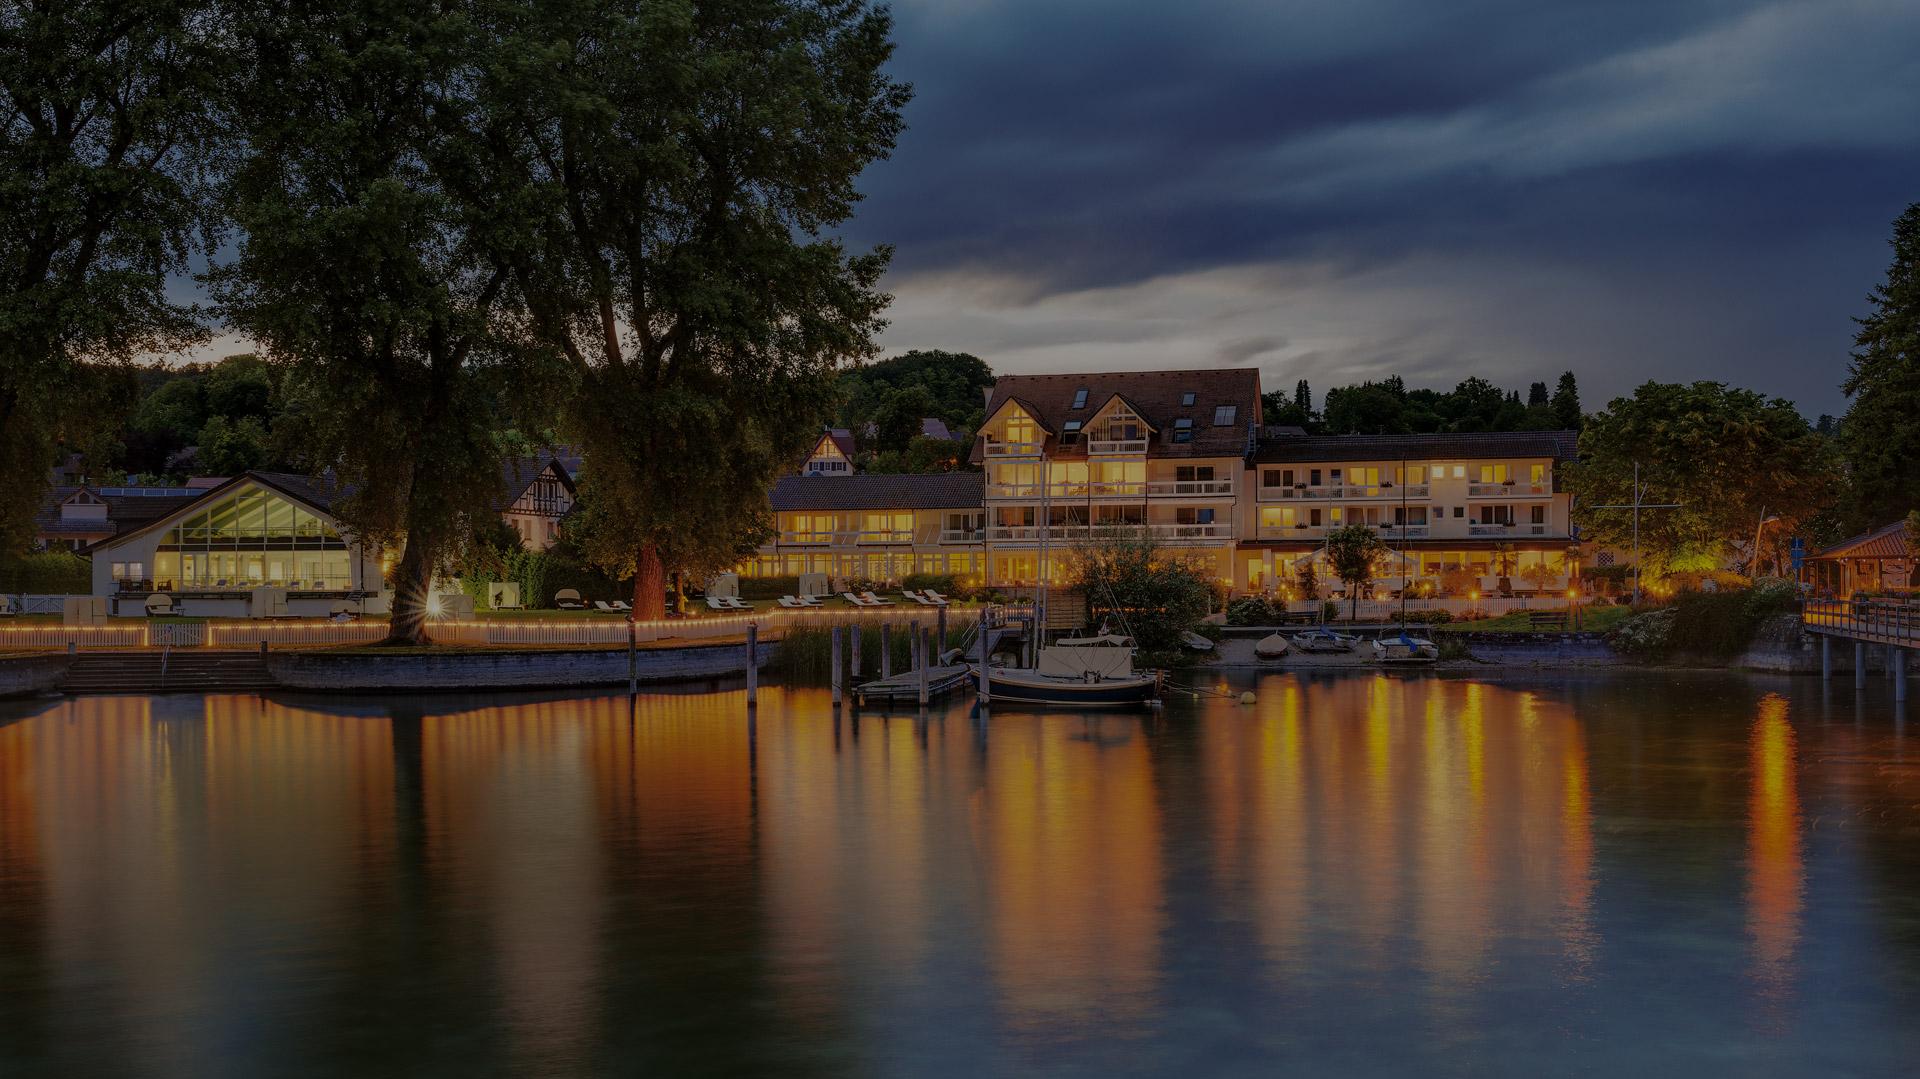 Das Hotel HOERI am Bodensee am Abend